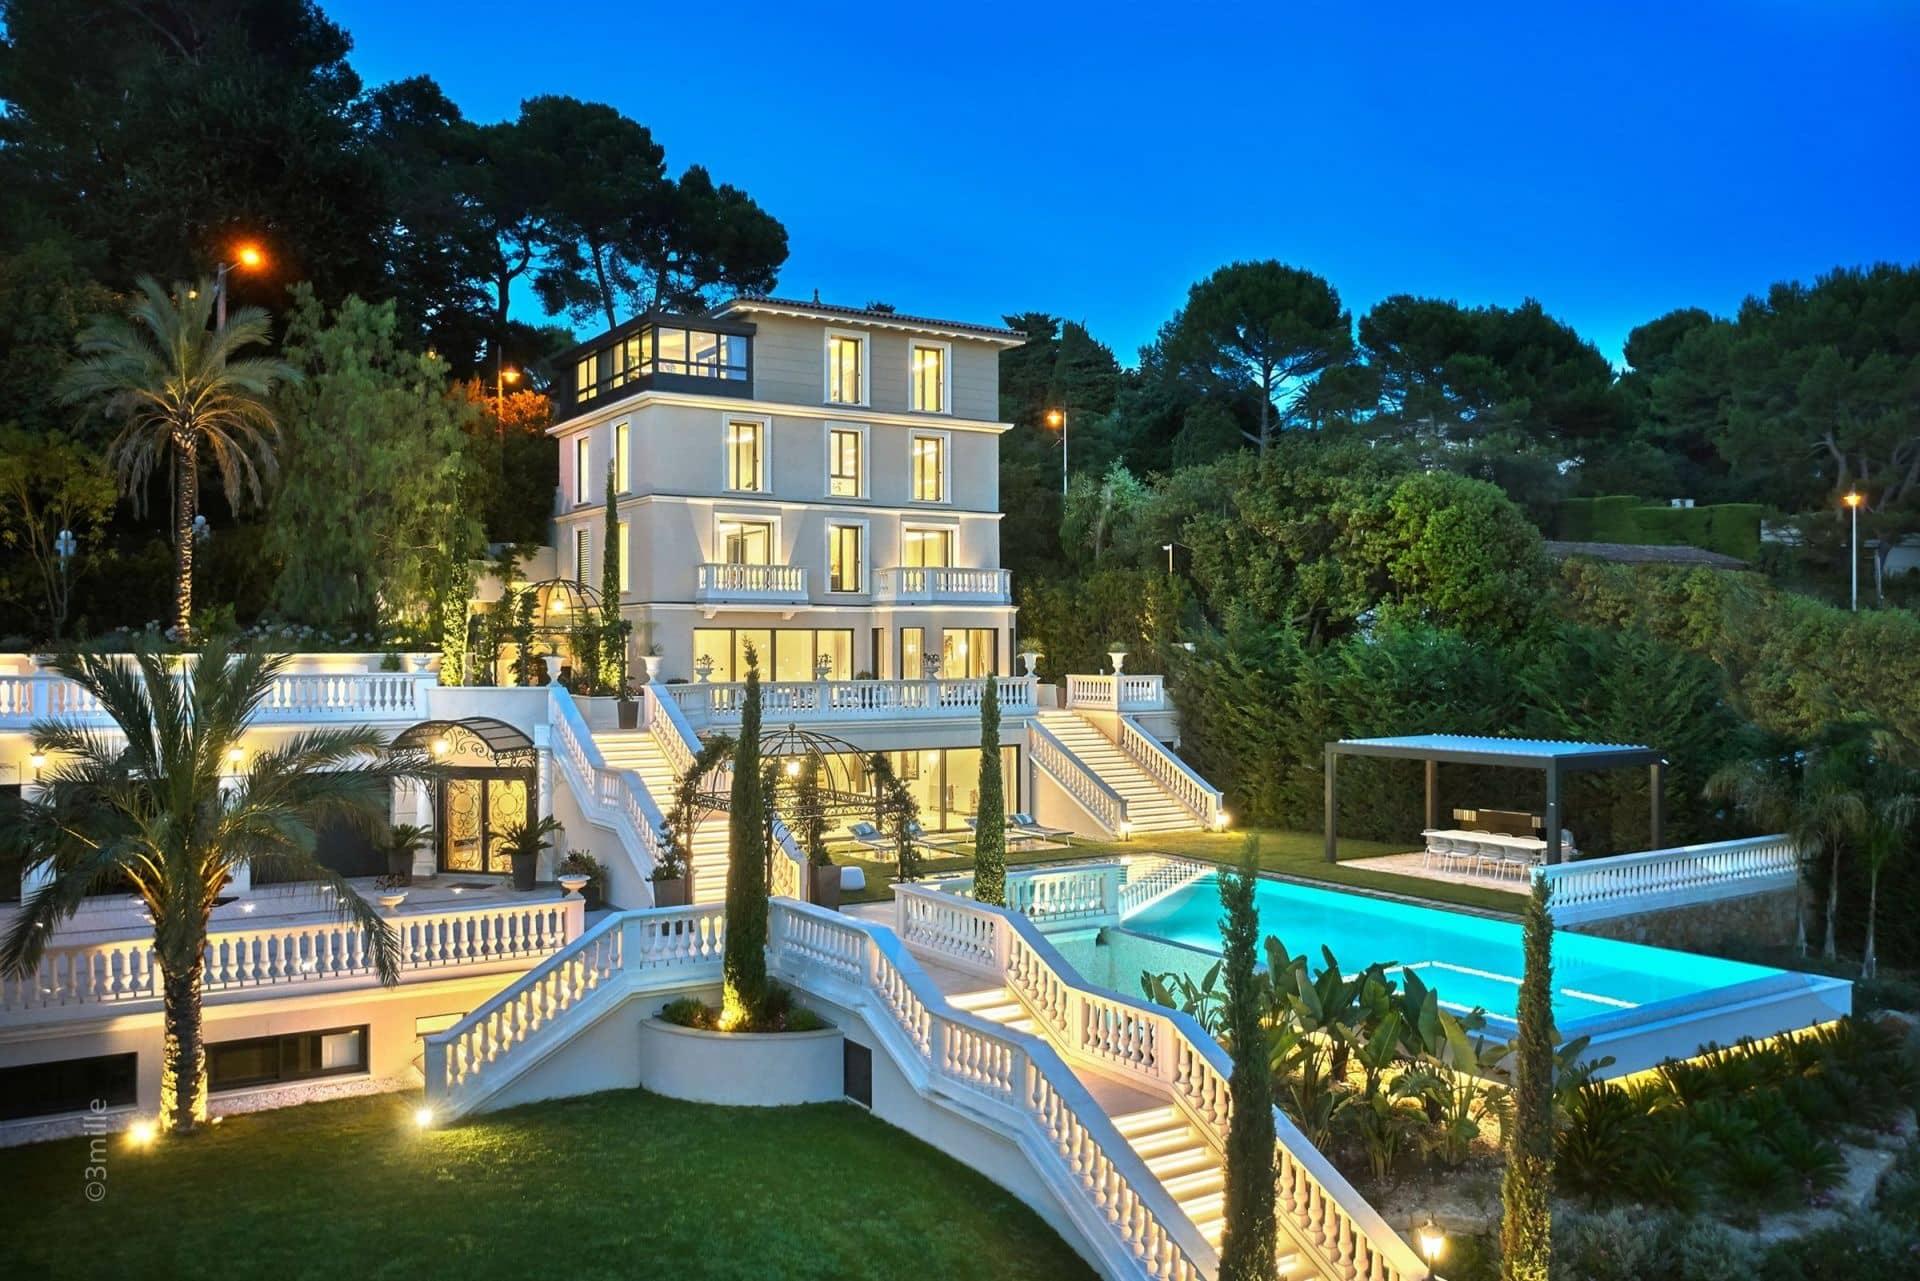 49+ Contoh Desain Rumah Mewah Yang Mempesona (Tercantik)